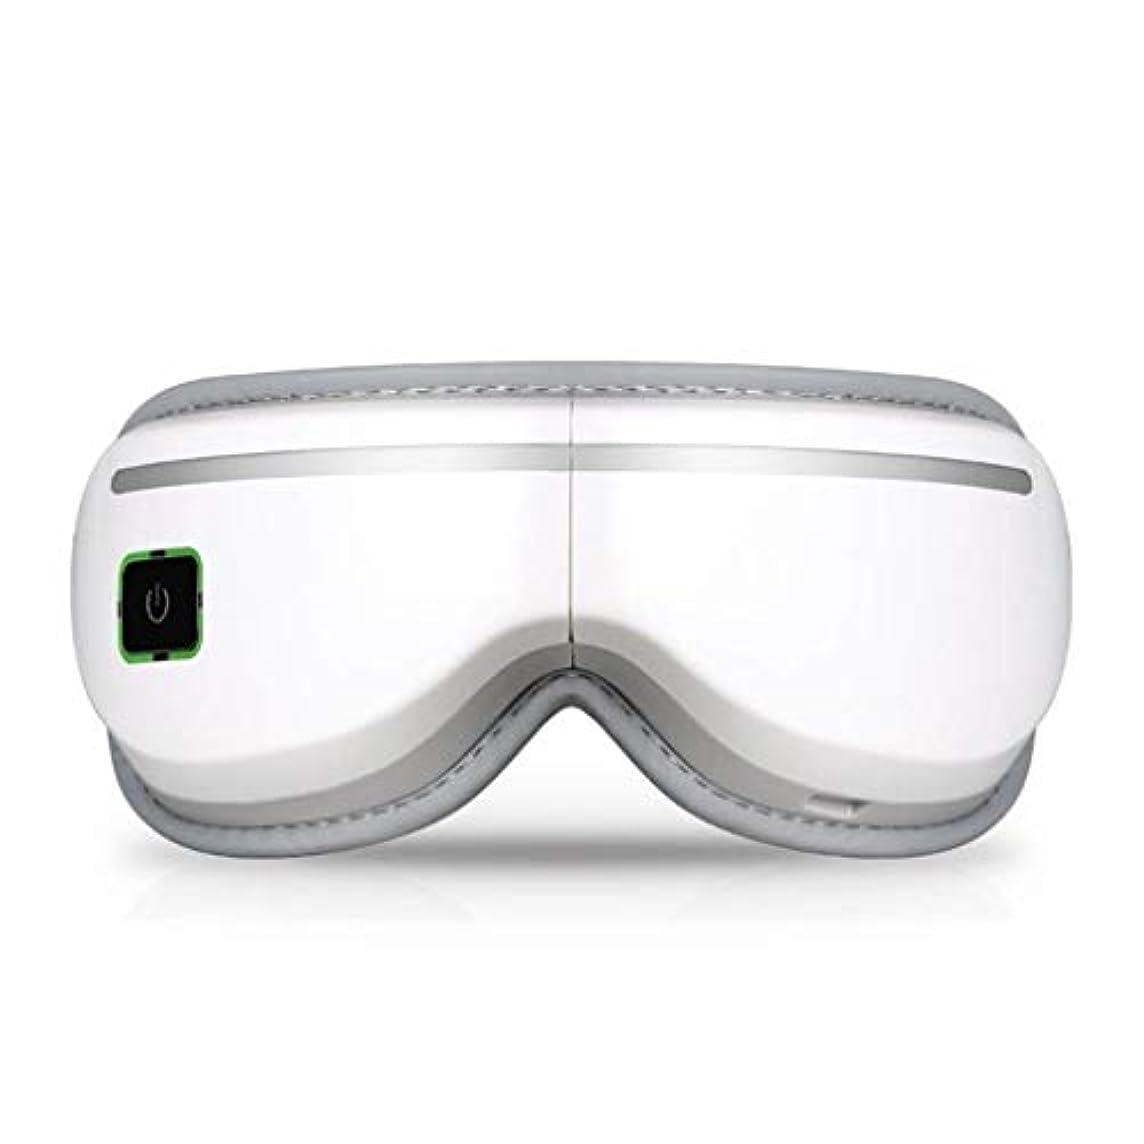 オール最大の合体アイマッサージャー、電動アイマッサージアイマスク、音楽/加熱/圧縮/空気圧/振動アイケア、マッサージリモート、旅行オフィスファミリーカー